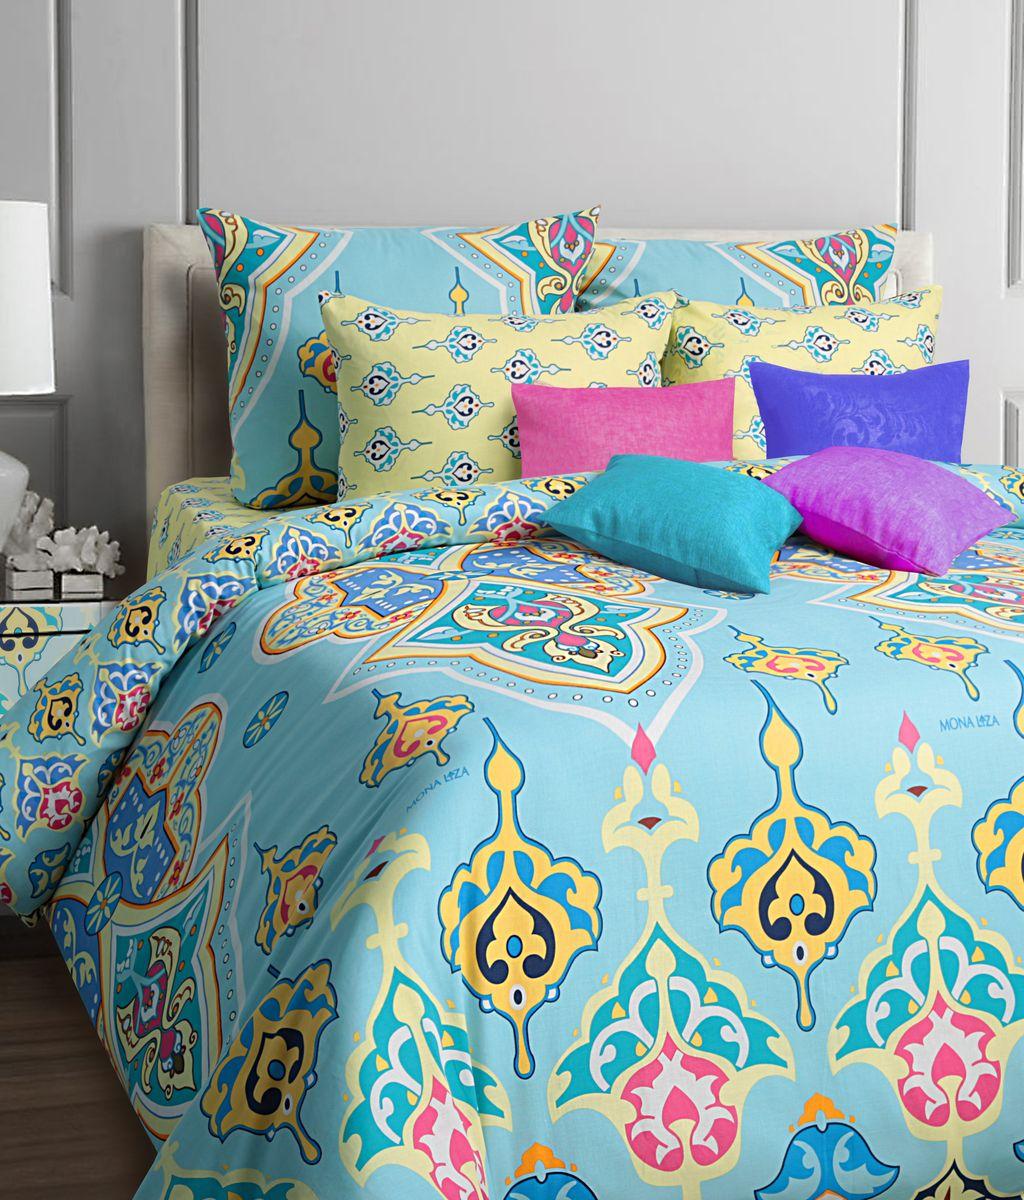 Комплект белья Mona Liza Arabic, 1,5-спальное, наволочки 70x70391602Комплект постельного белья Mona Liza Arabic, выполненный из бязи (100% хлопок), состоит из пододеяльника, простыни и двух наволочек. Изделия оформлены благородным орнаментом.Пододеяльник на пуговицах.Бязь - ткань полотняного переплетения с незначительной сминаемостью, хорошо сохраняющая цвет при стирке, легкая, с прекрасными гигиеническими показателями. Такой комплект подойдет для любого стилевого и цветового решения интерьера, а также создаст в доме уют.